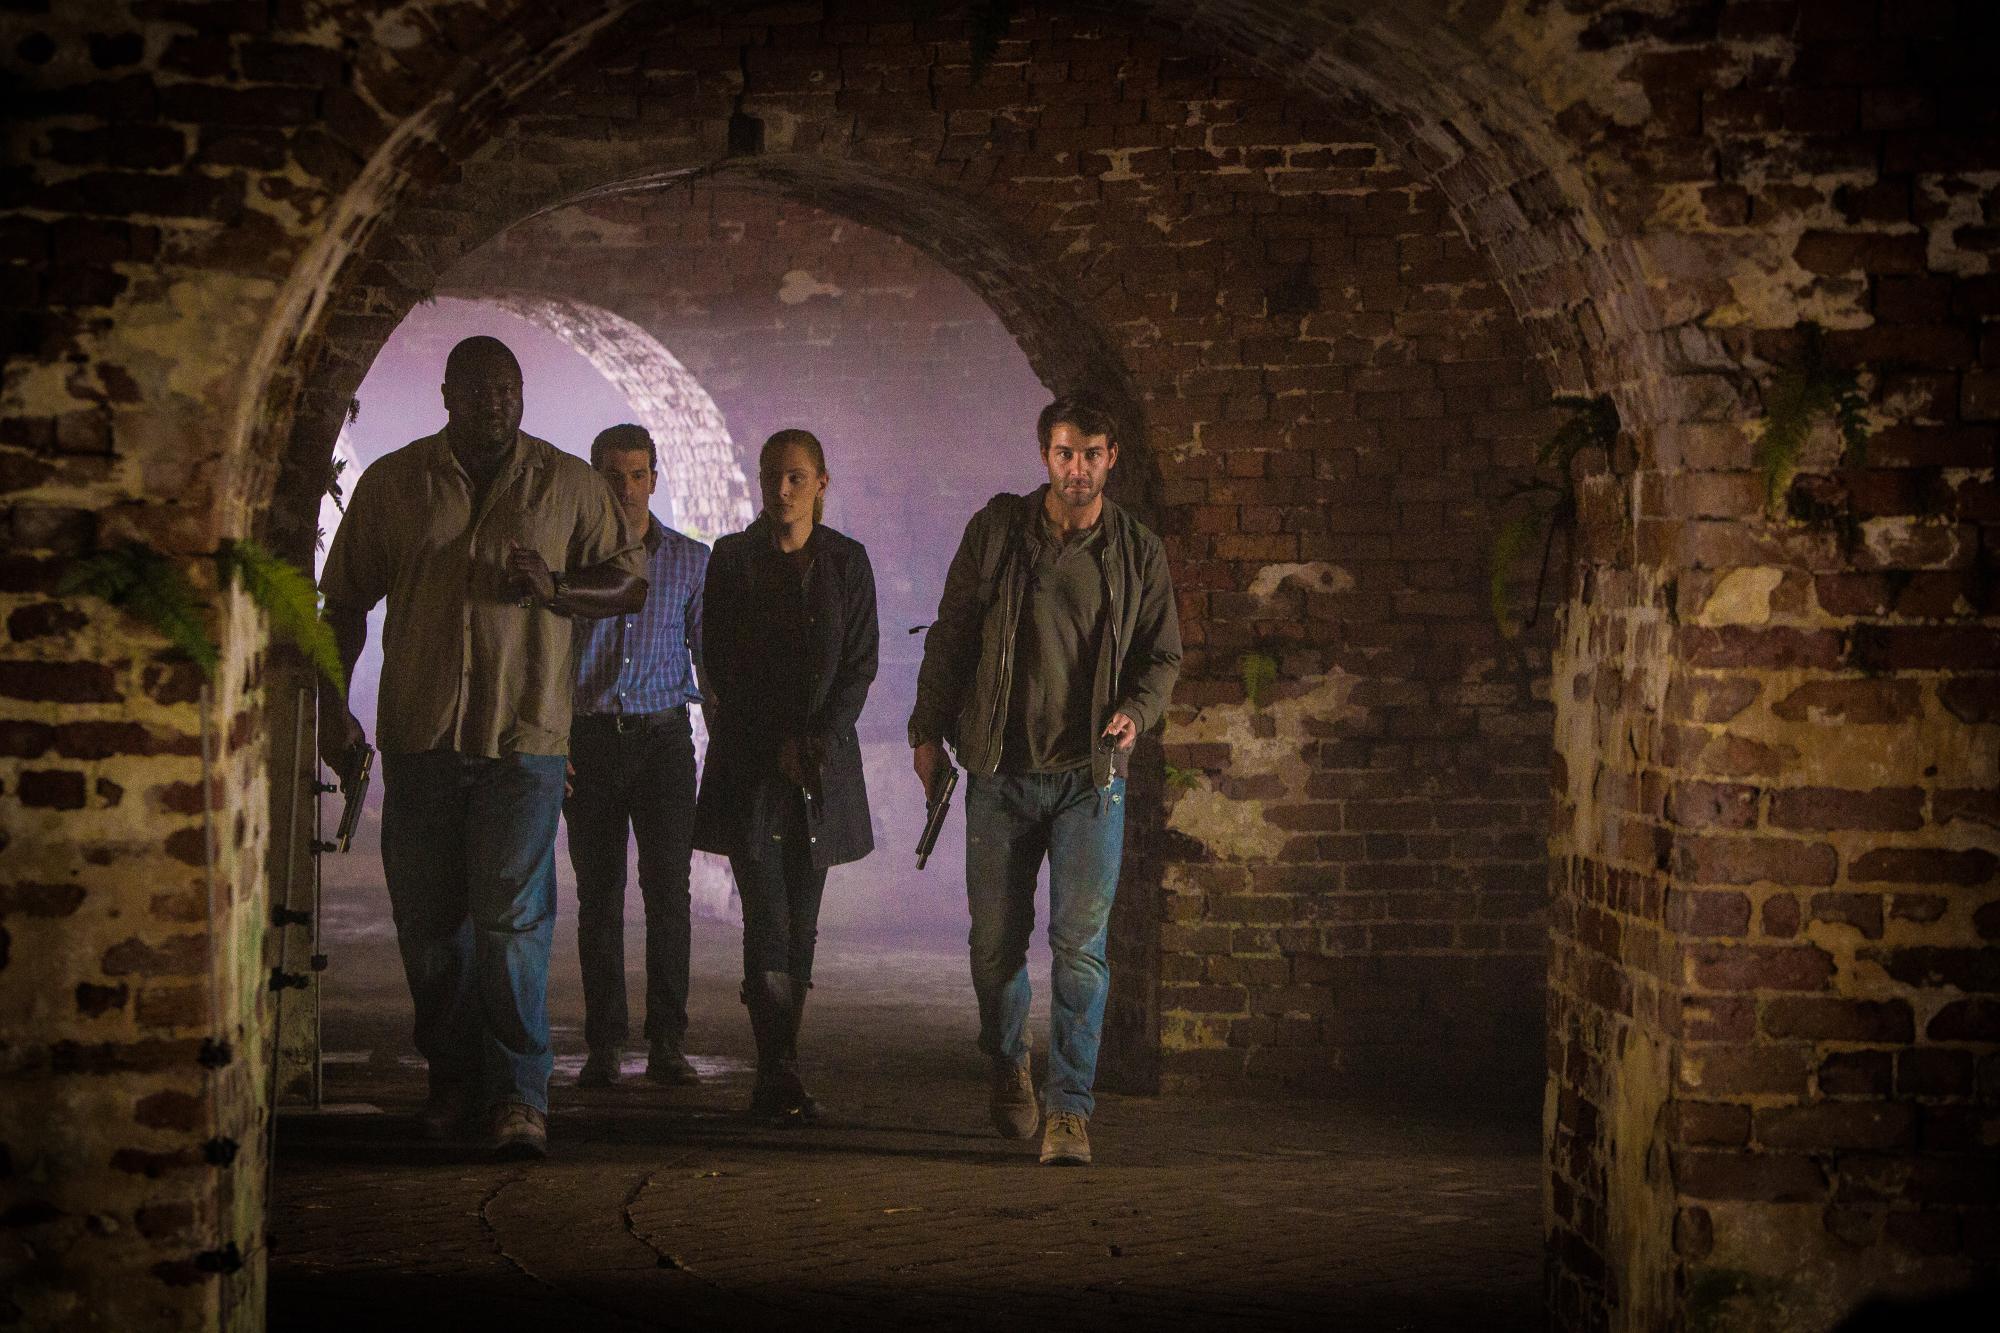 Nonso Anozie as Abraham Kenyatta, Simon Kassianides as Jean-Michel Lion, Nora Arnezeder as Chloe Tousignant, and James Wolk as Jackson Oz.